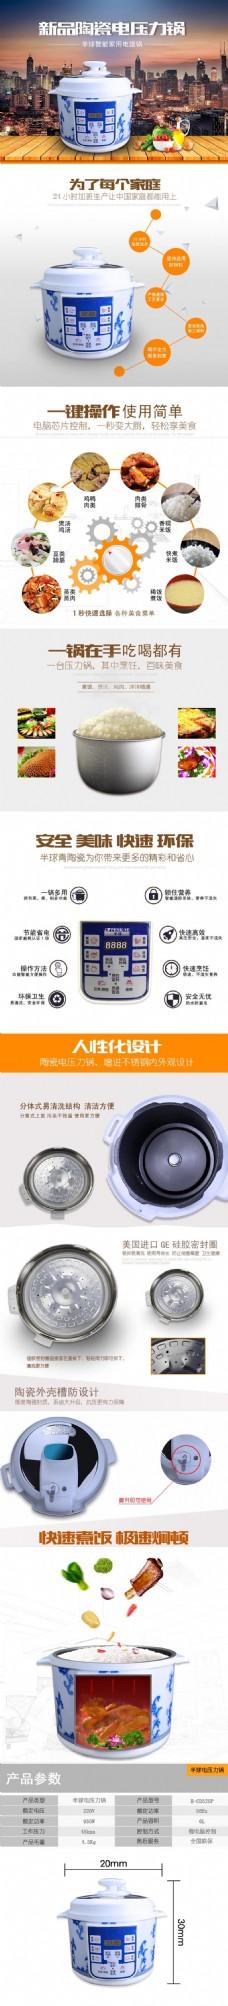 电器电压力锅详情页图片